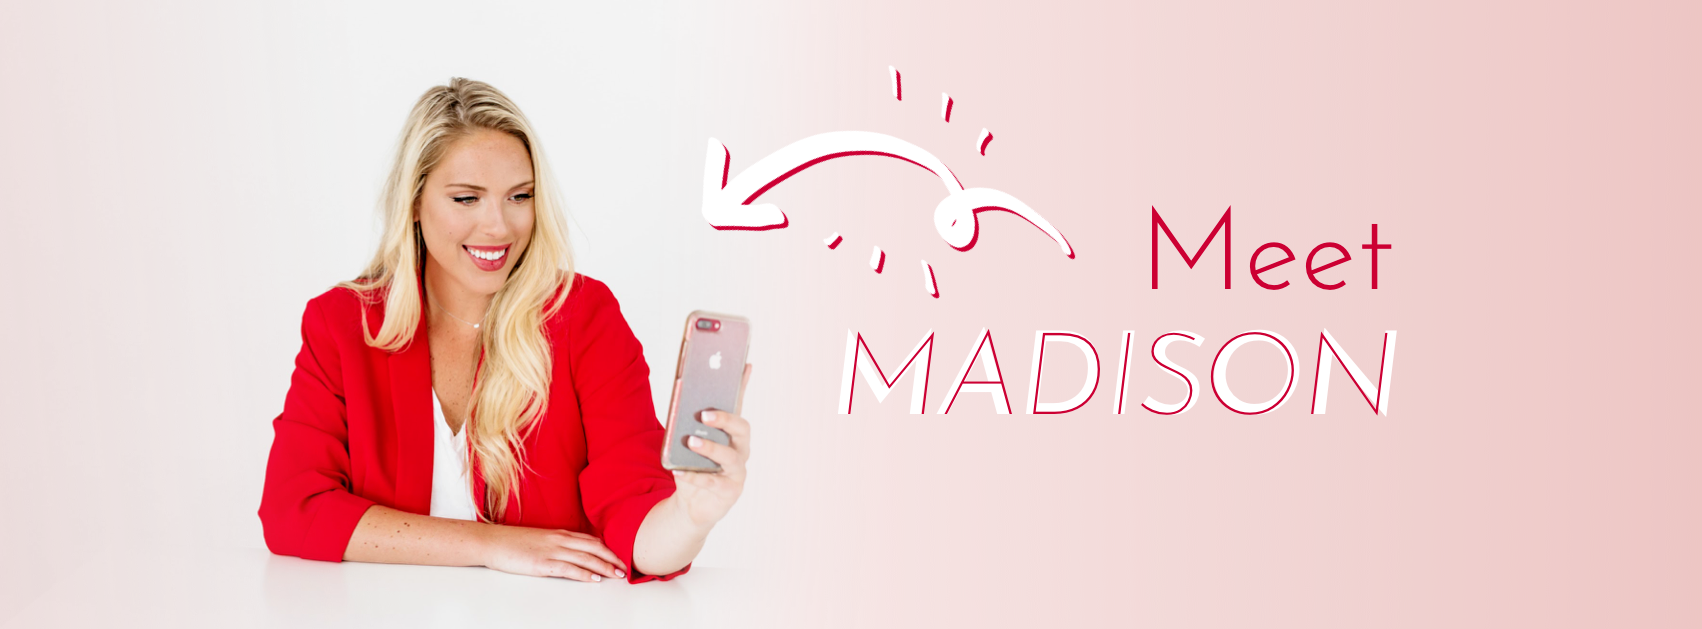 Madison Tinder of Mini Trainings for Profit